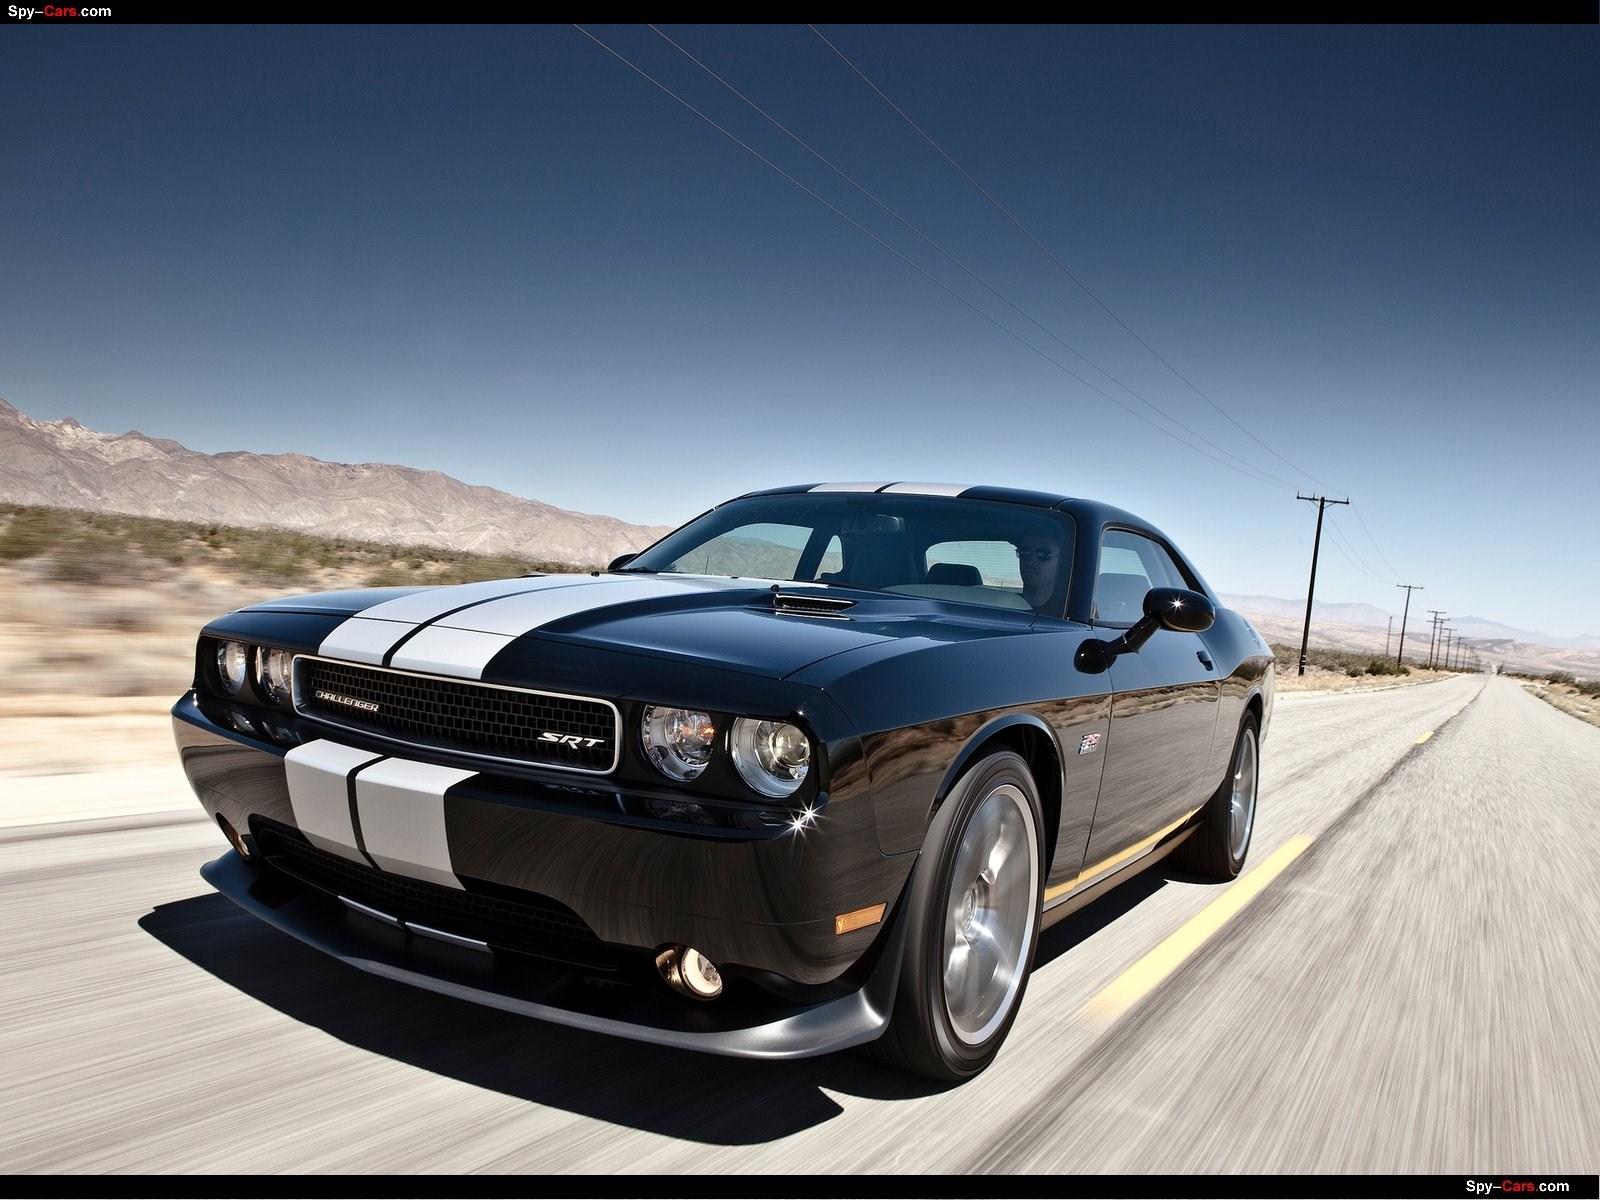 Dodge - Auto twenty-first century: 2012 Dodge Challenger SRT8 392